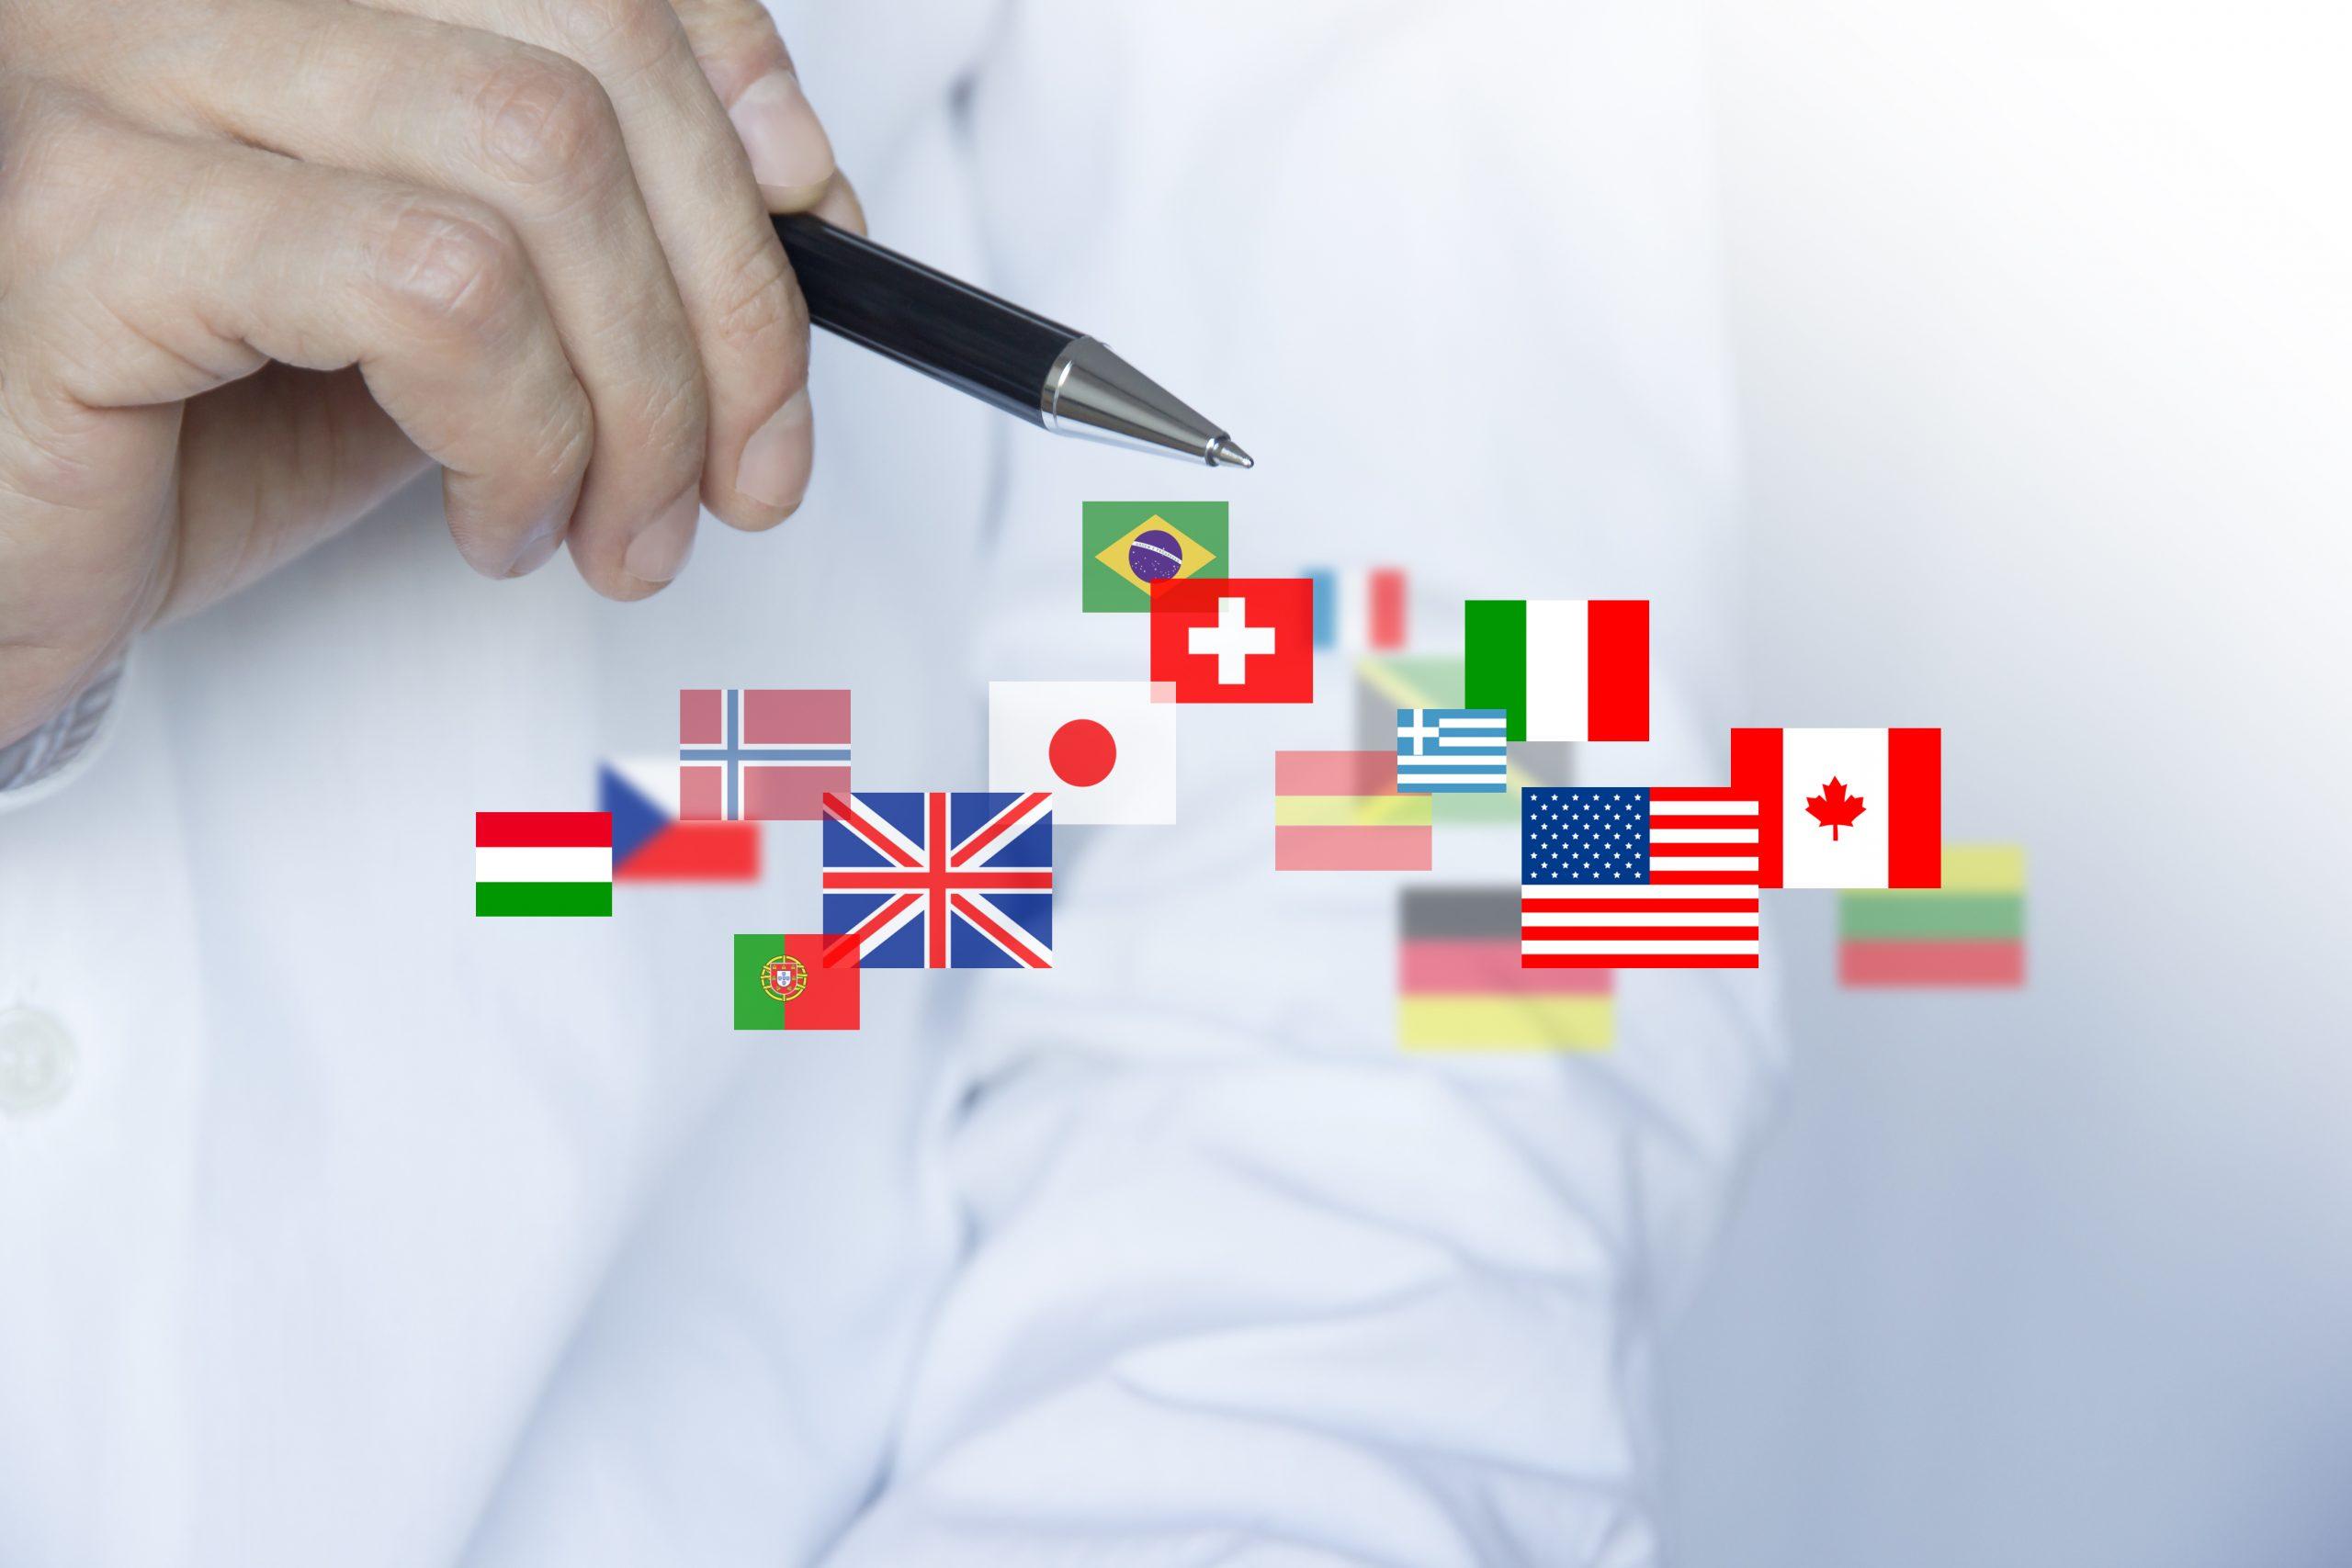 Mann zeig mit einem Stift auf Flaggen